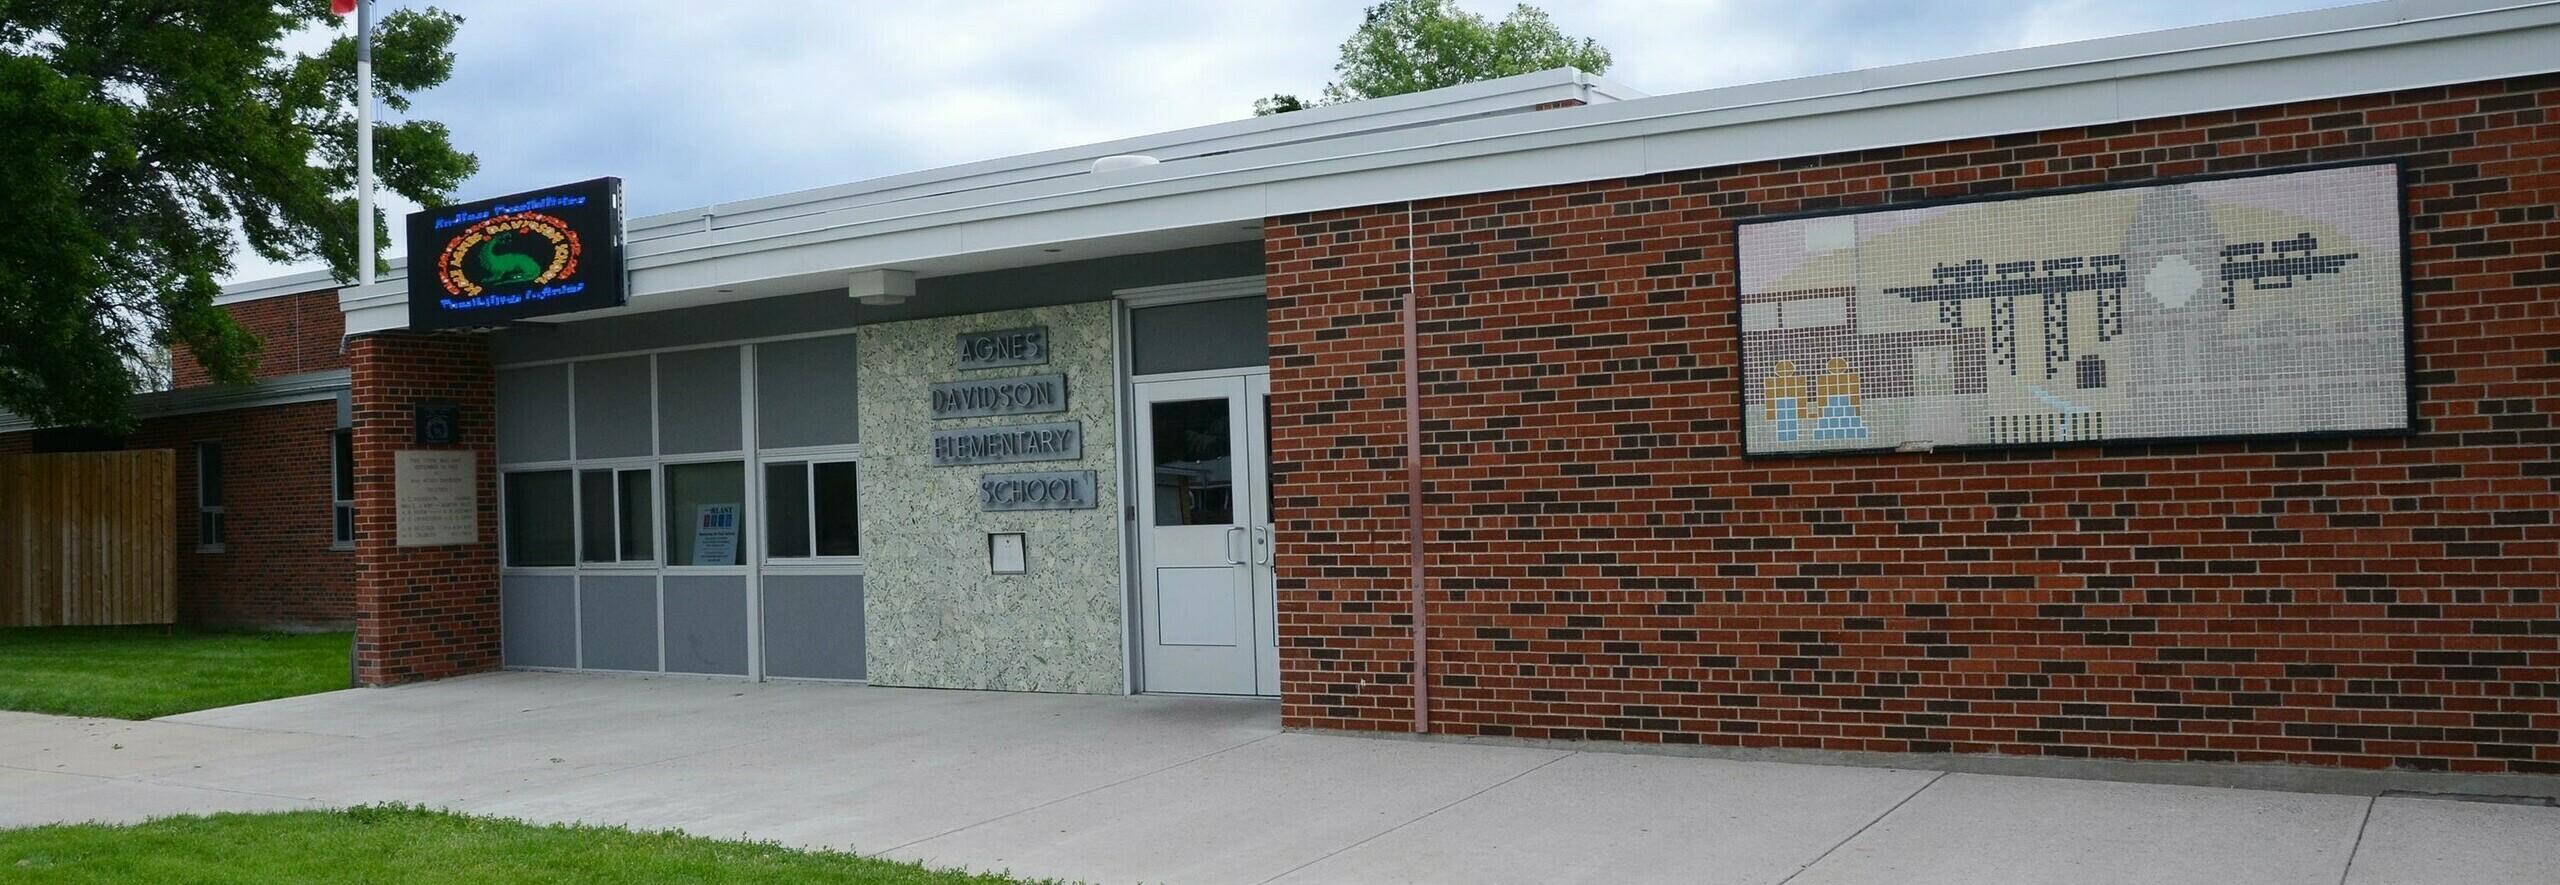 École Agnes Davidson Banner Photo